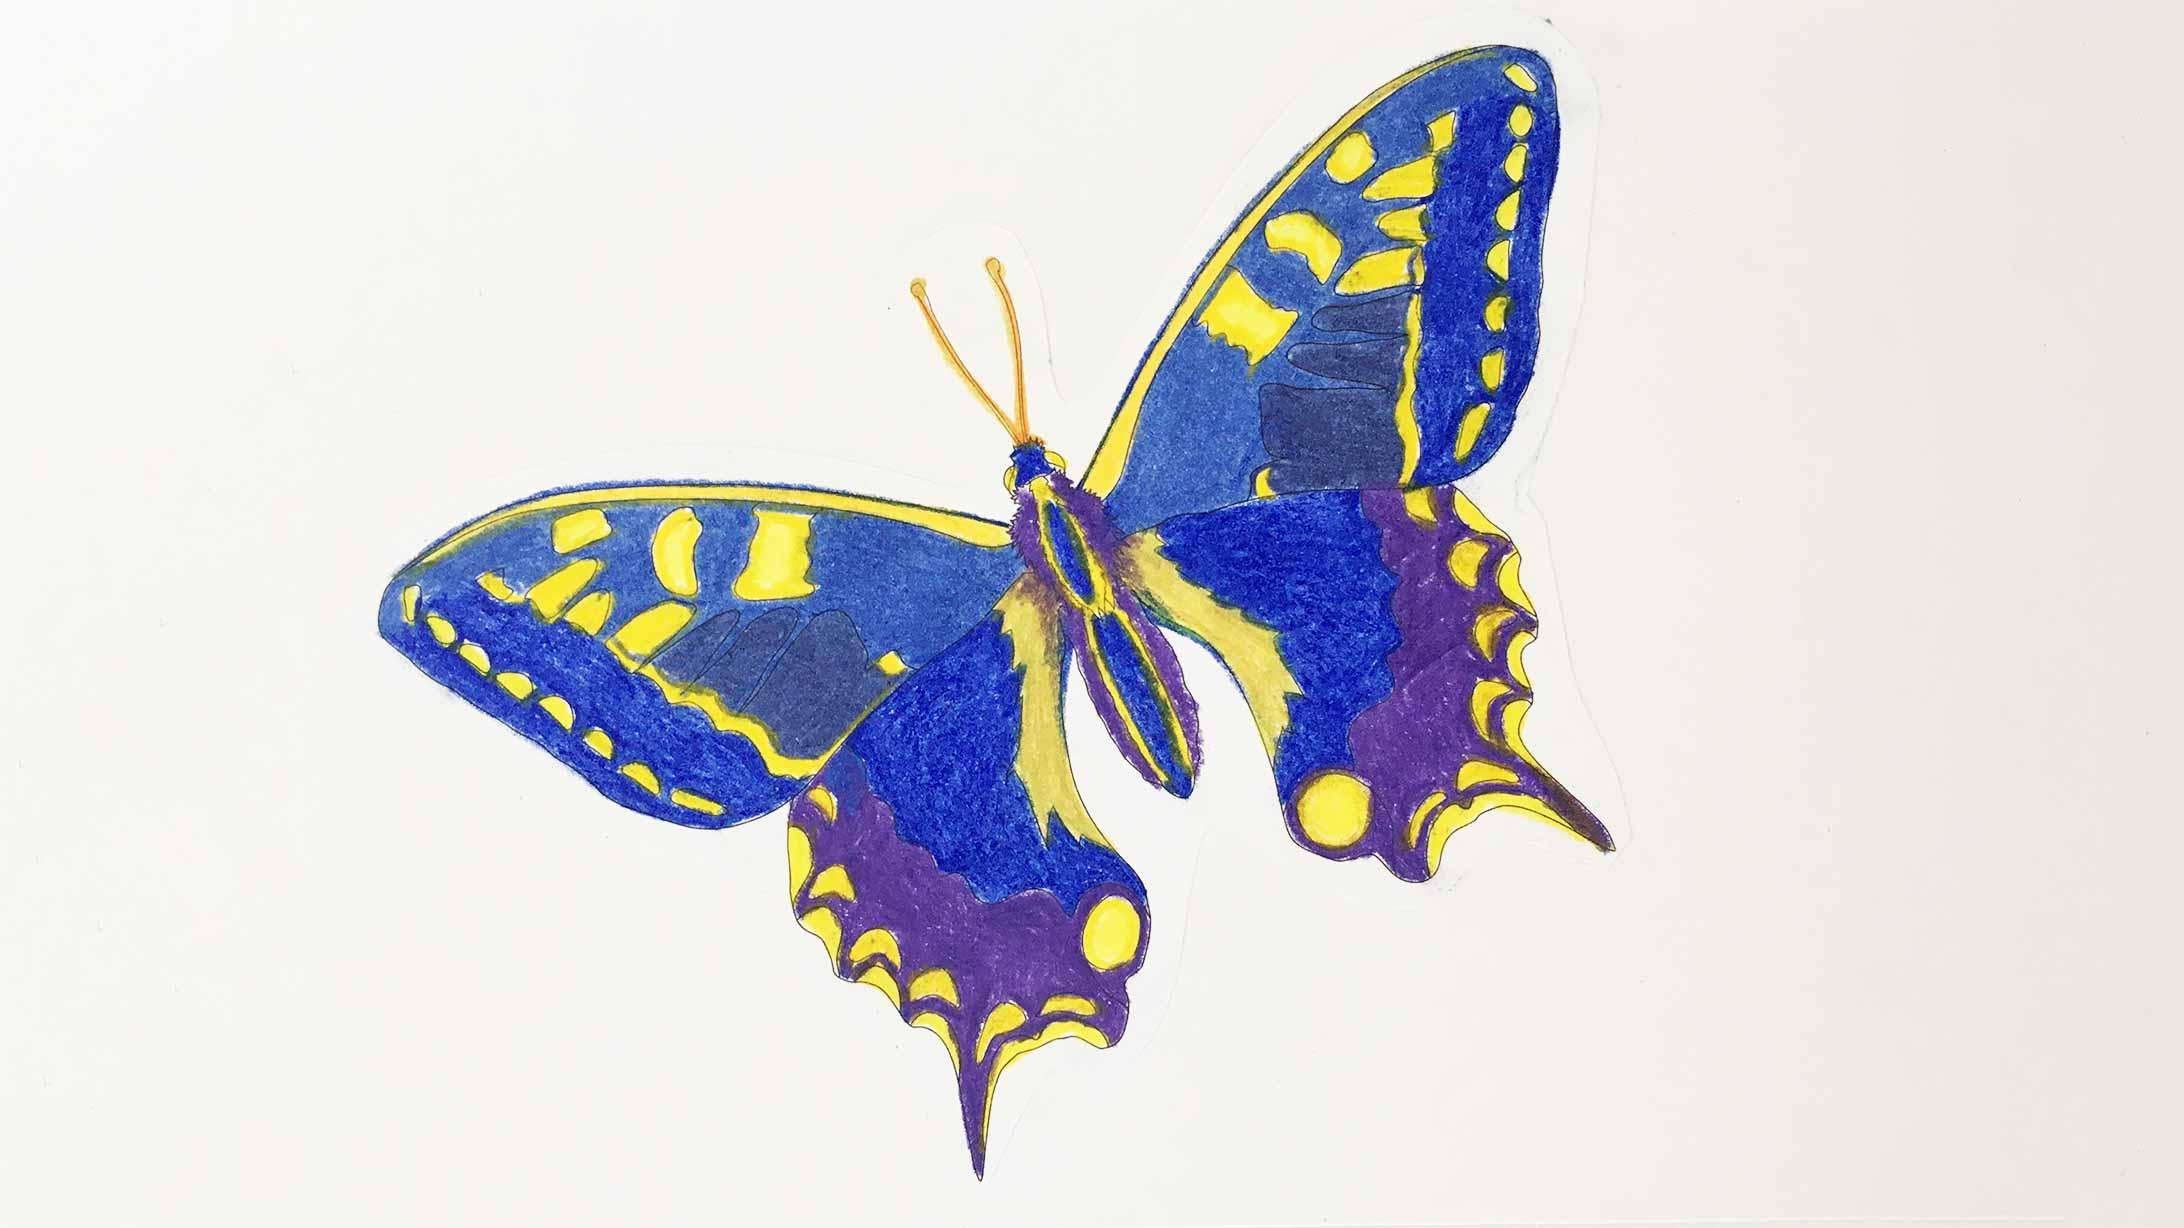 Ein Bild von einem Schmetterling. Gemalt in der Kunsttherapie